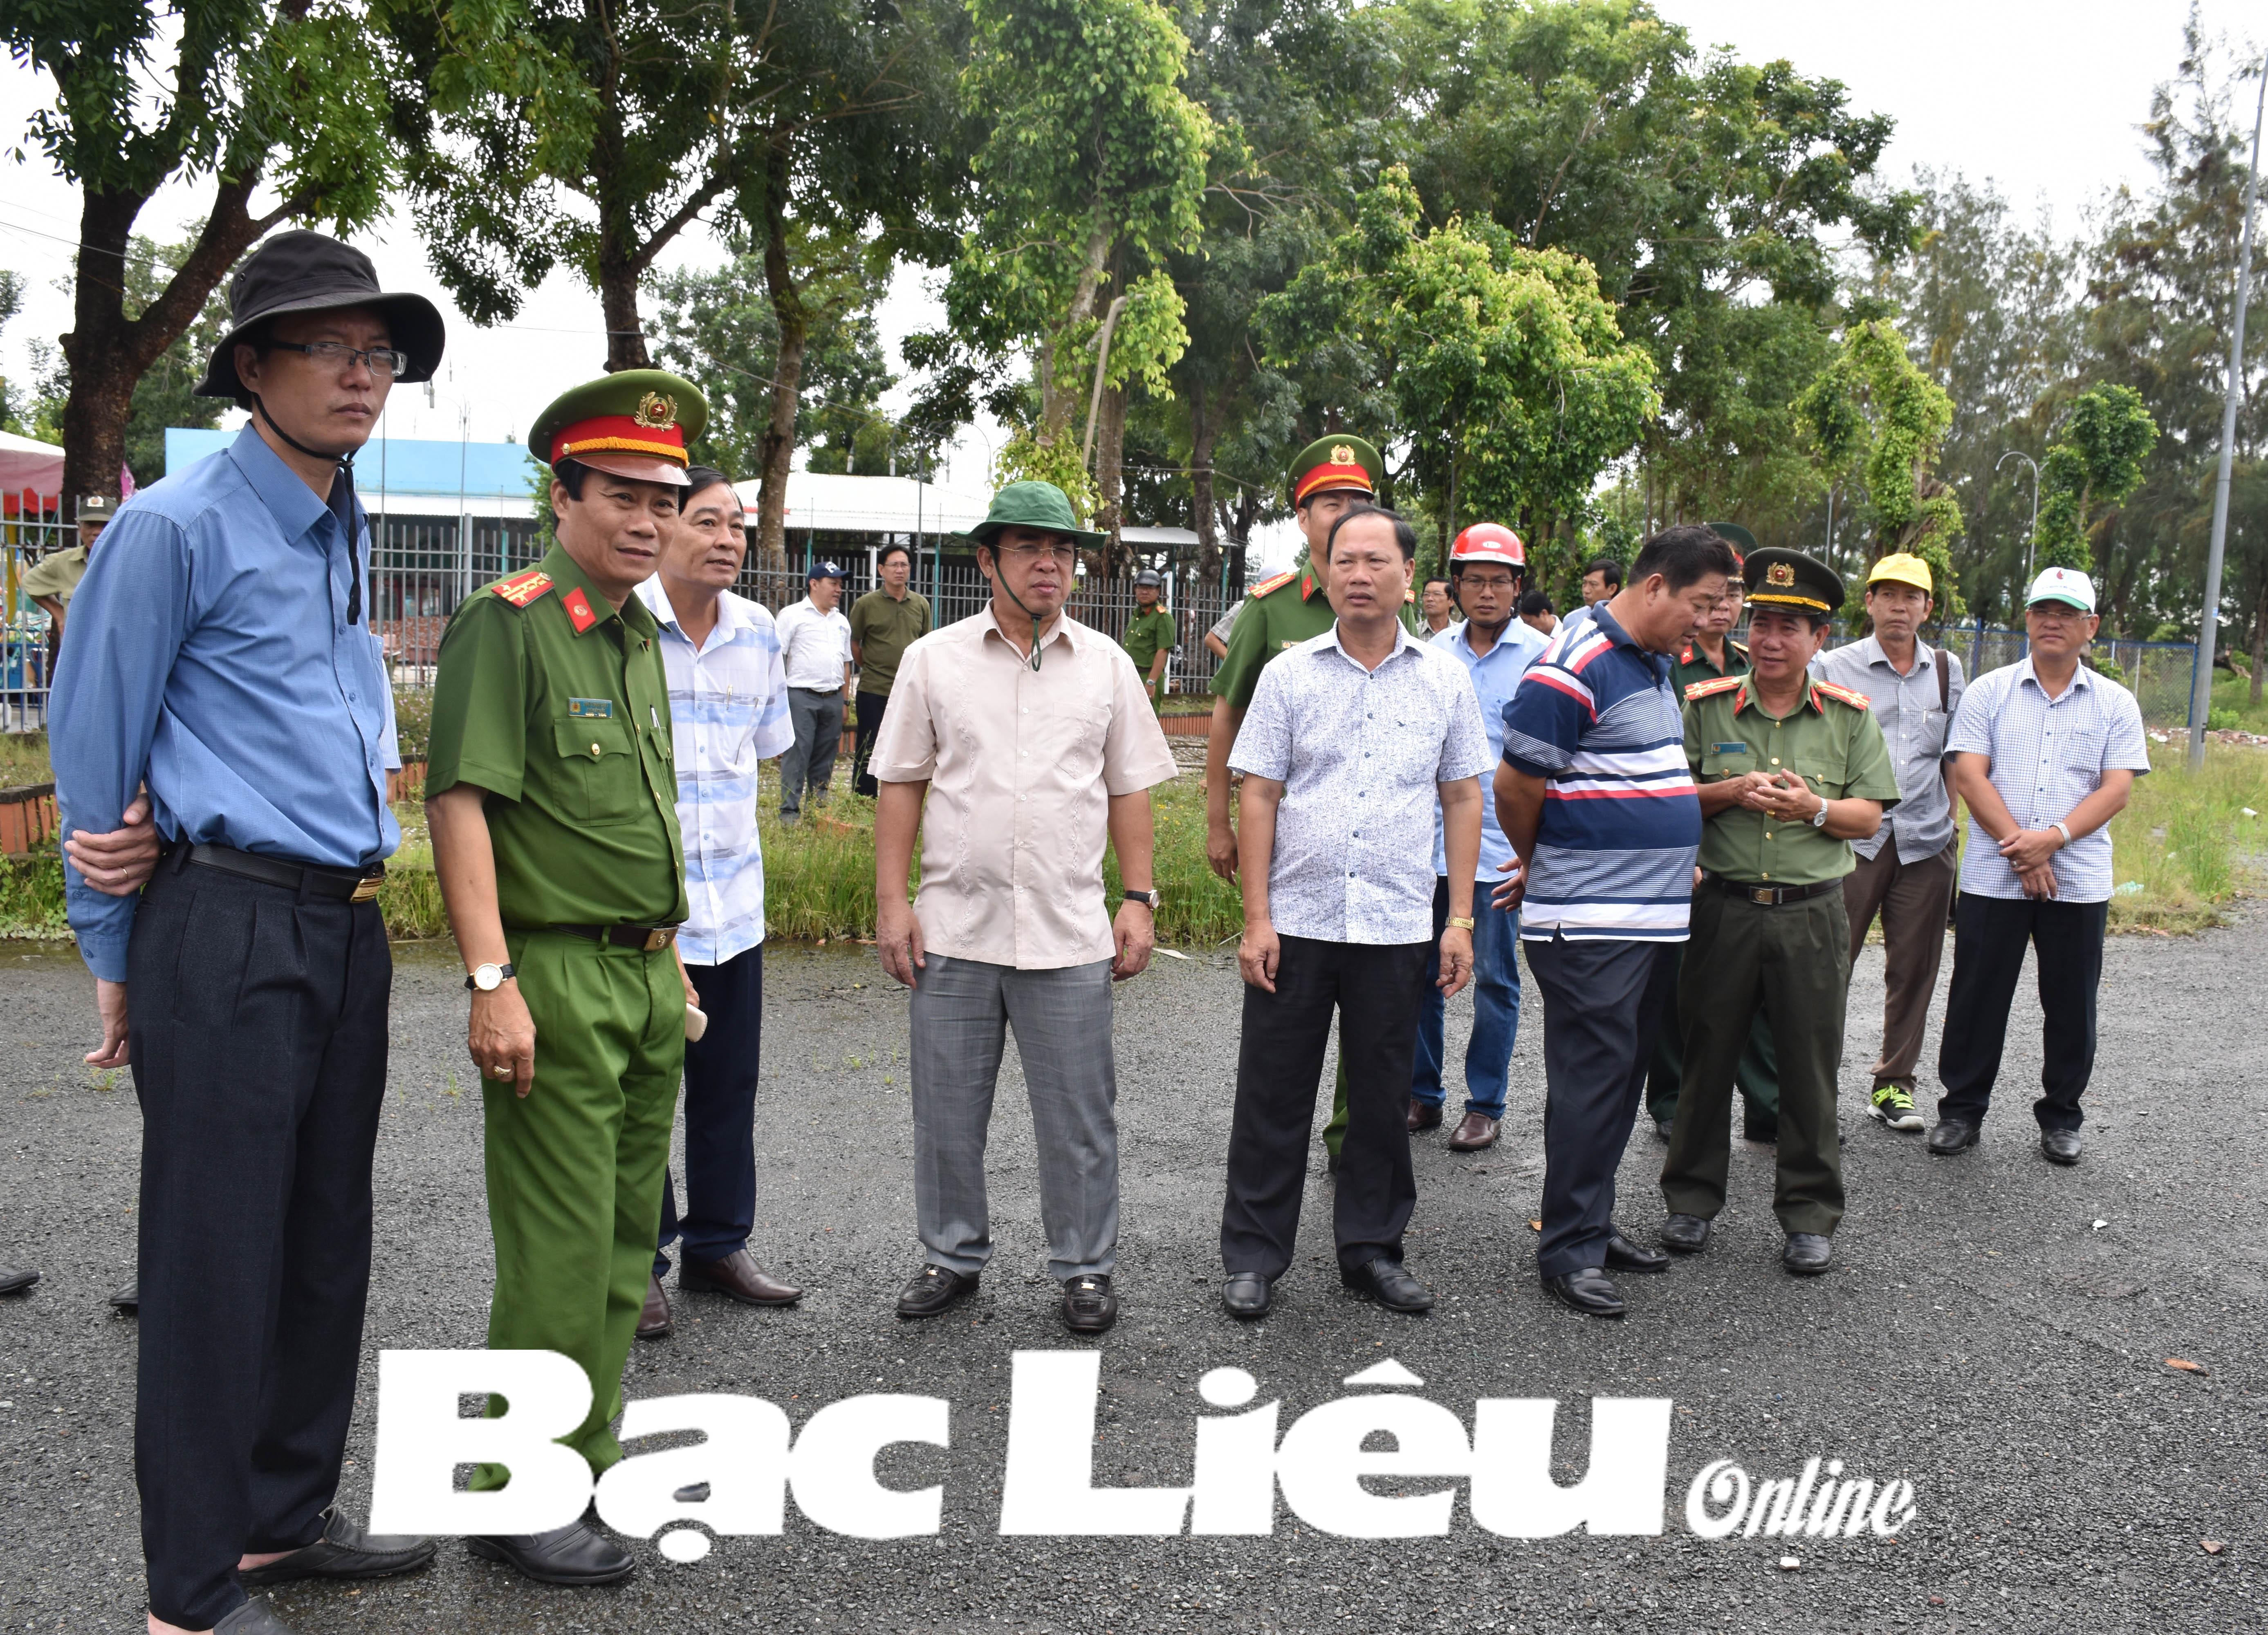 Chủ tịch UBND tỉnh - Dương Thành Trung kiểm tra tiến độ giải phóng mặt bằng tại một số dự án trọng điểm trên địa bàn TP. Bạc Liêu